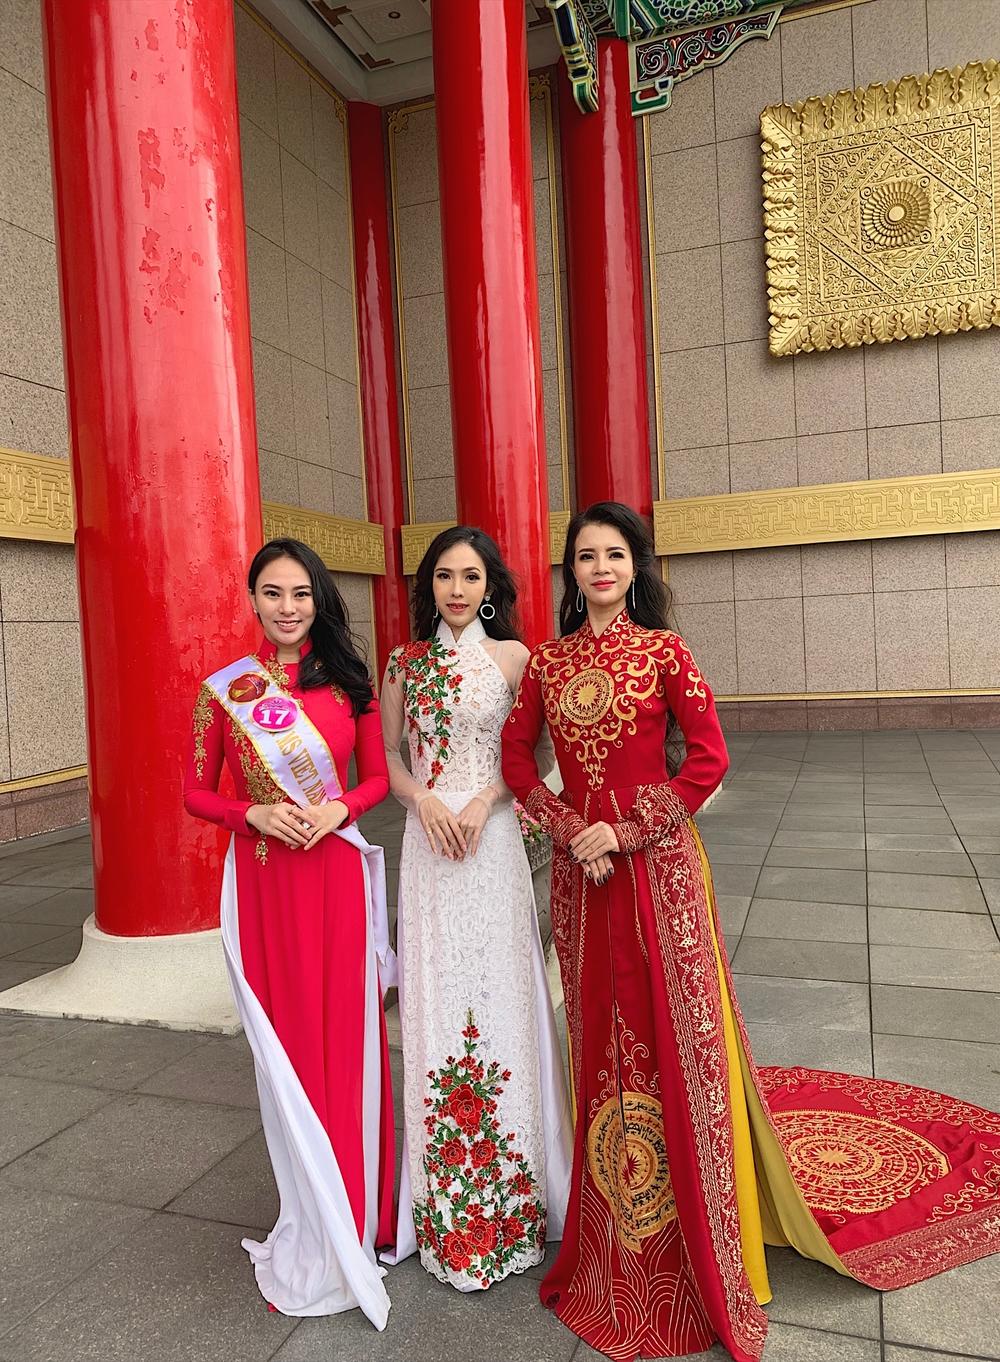 Thu Hoàng tham gia hoạt động cùng các thi sinh của Hoa hậu Doanh nhân người Việt châu Á 2019.